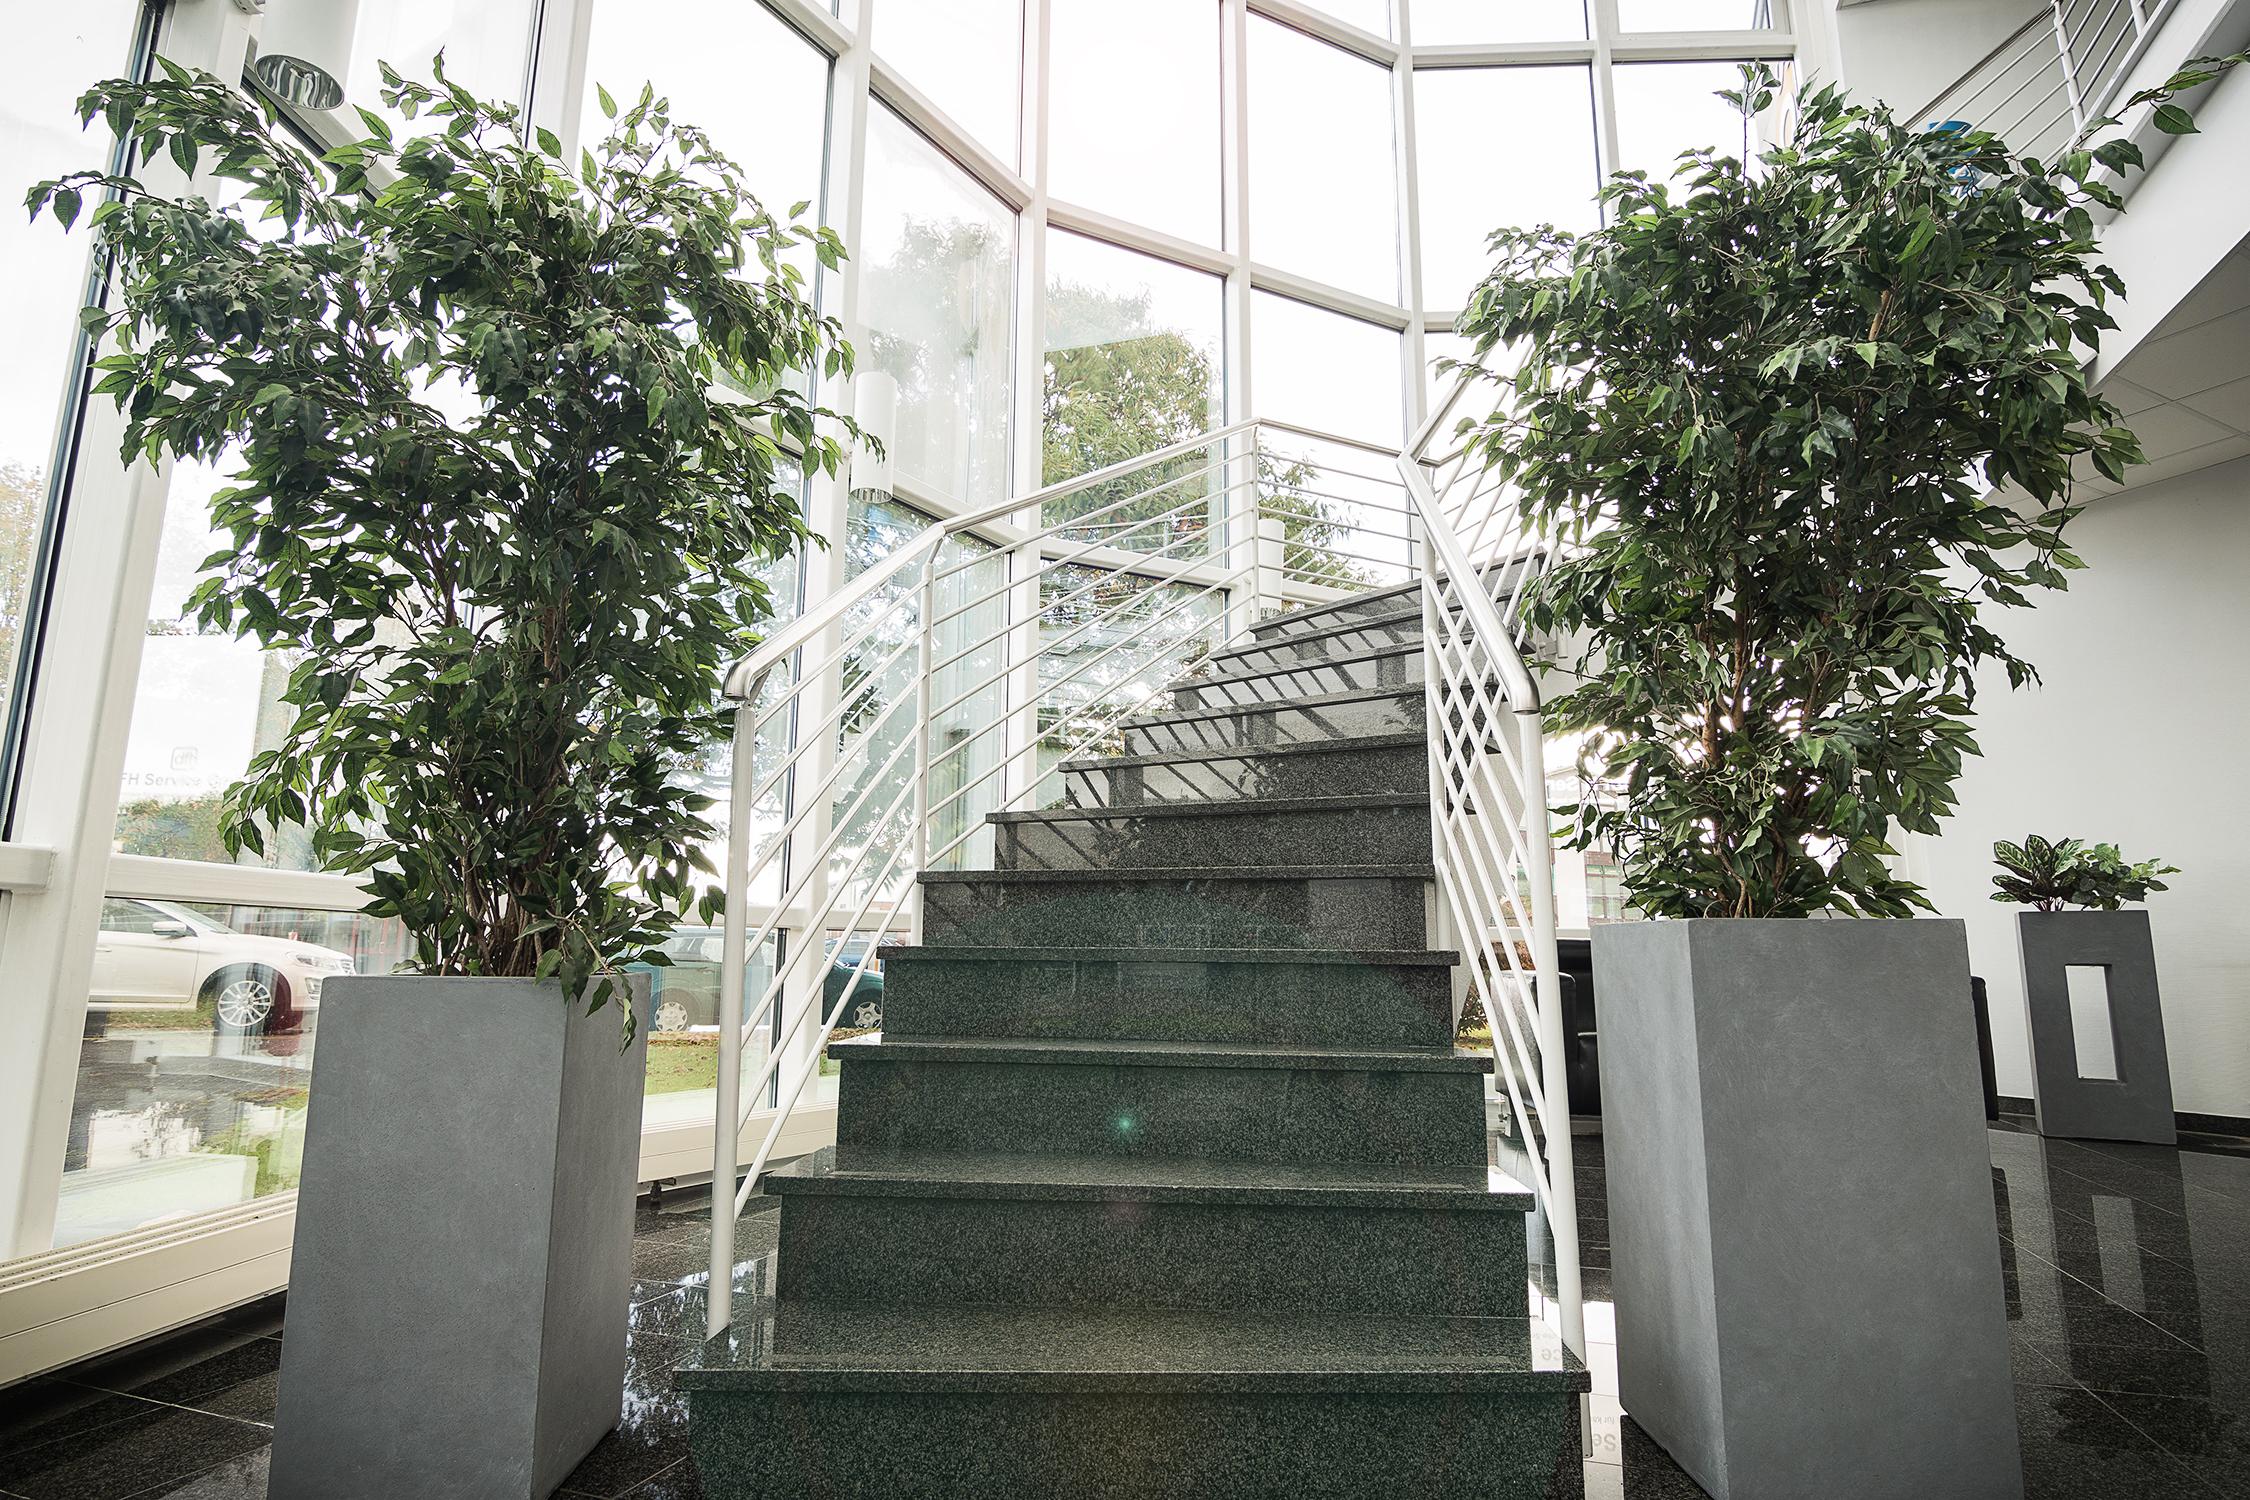 Hohe Pflanzsäulen in groß und klein für drinnen und draussen